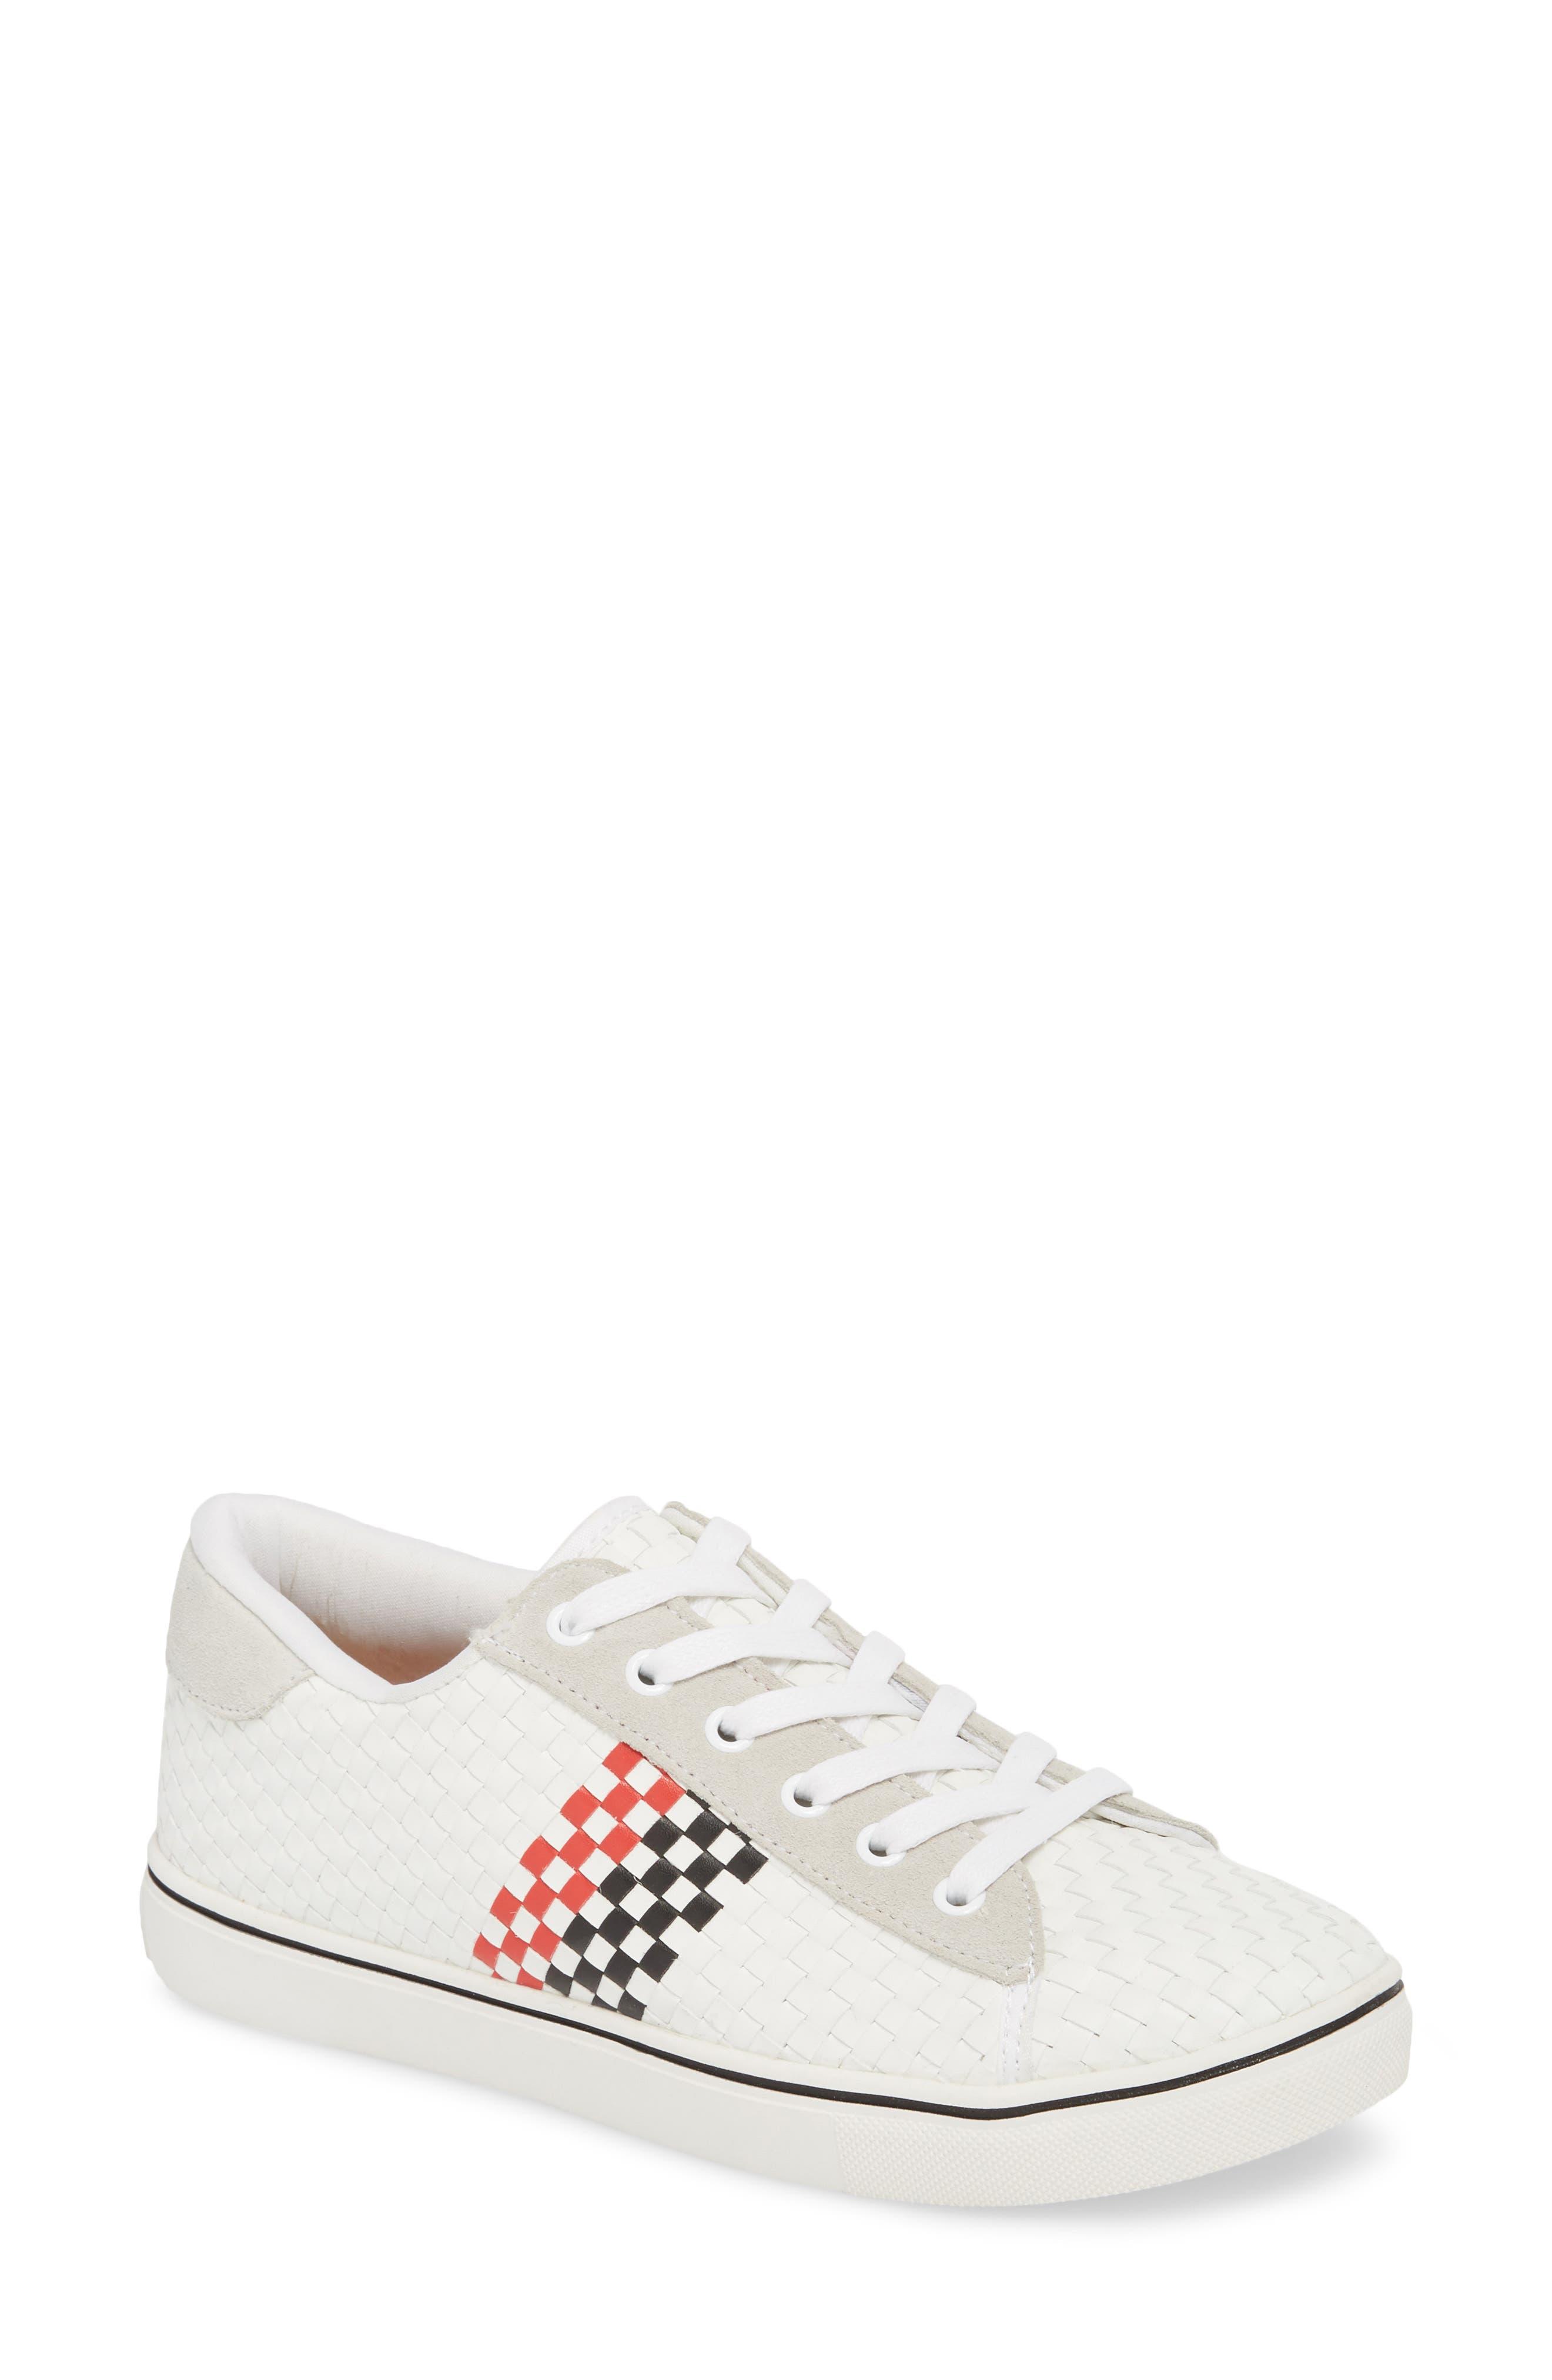 Bernie Mev. Essex Sneaker, White